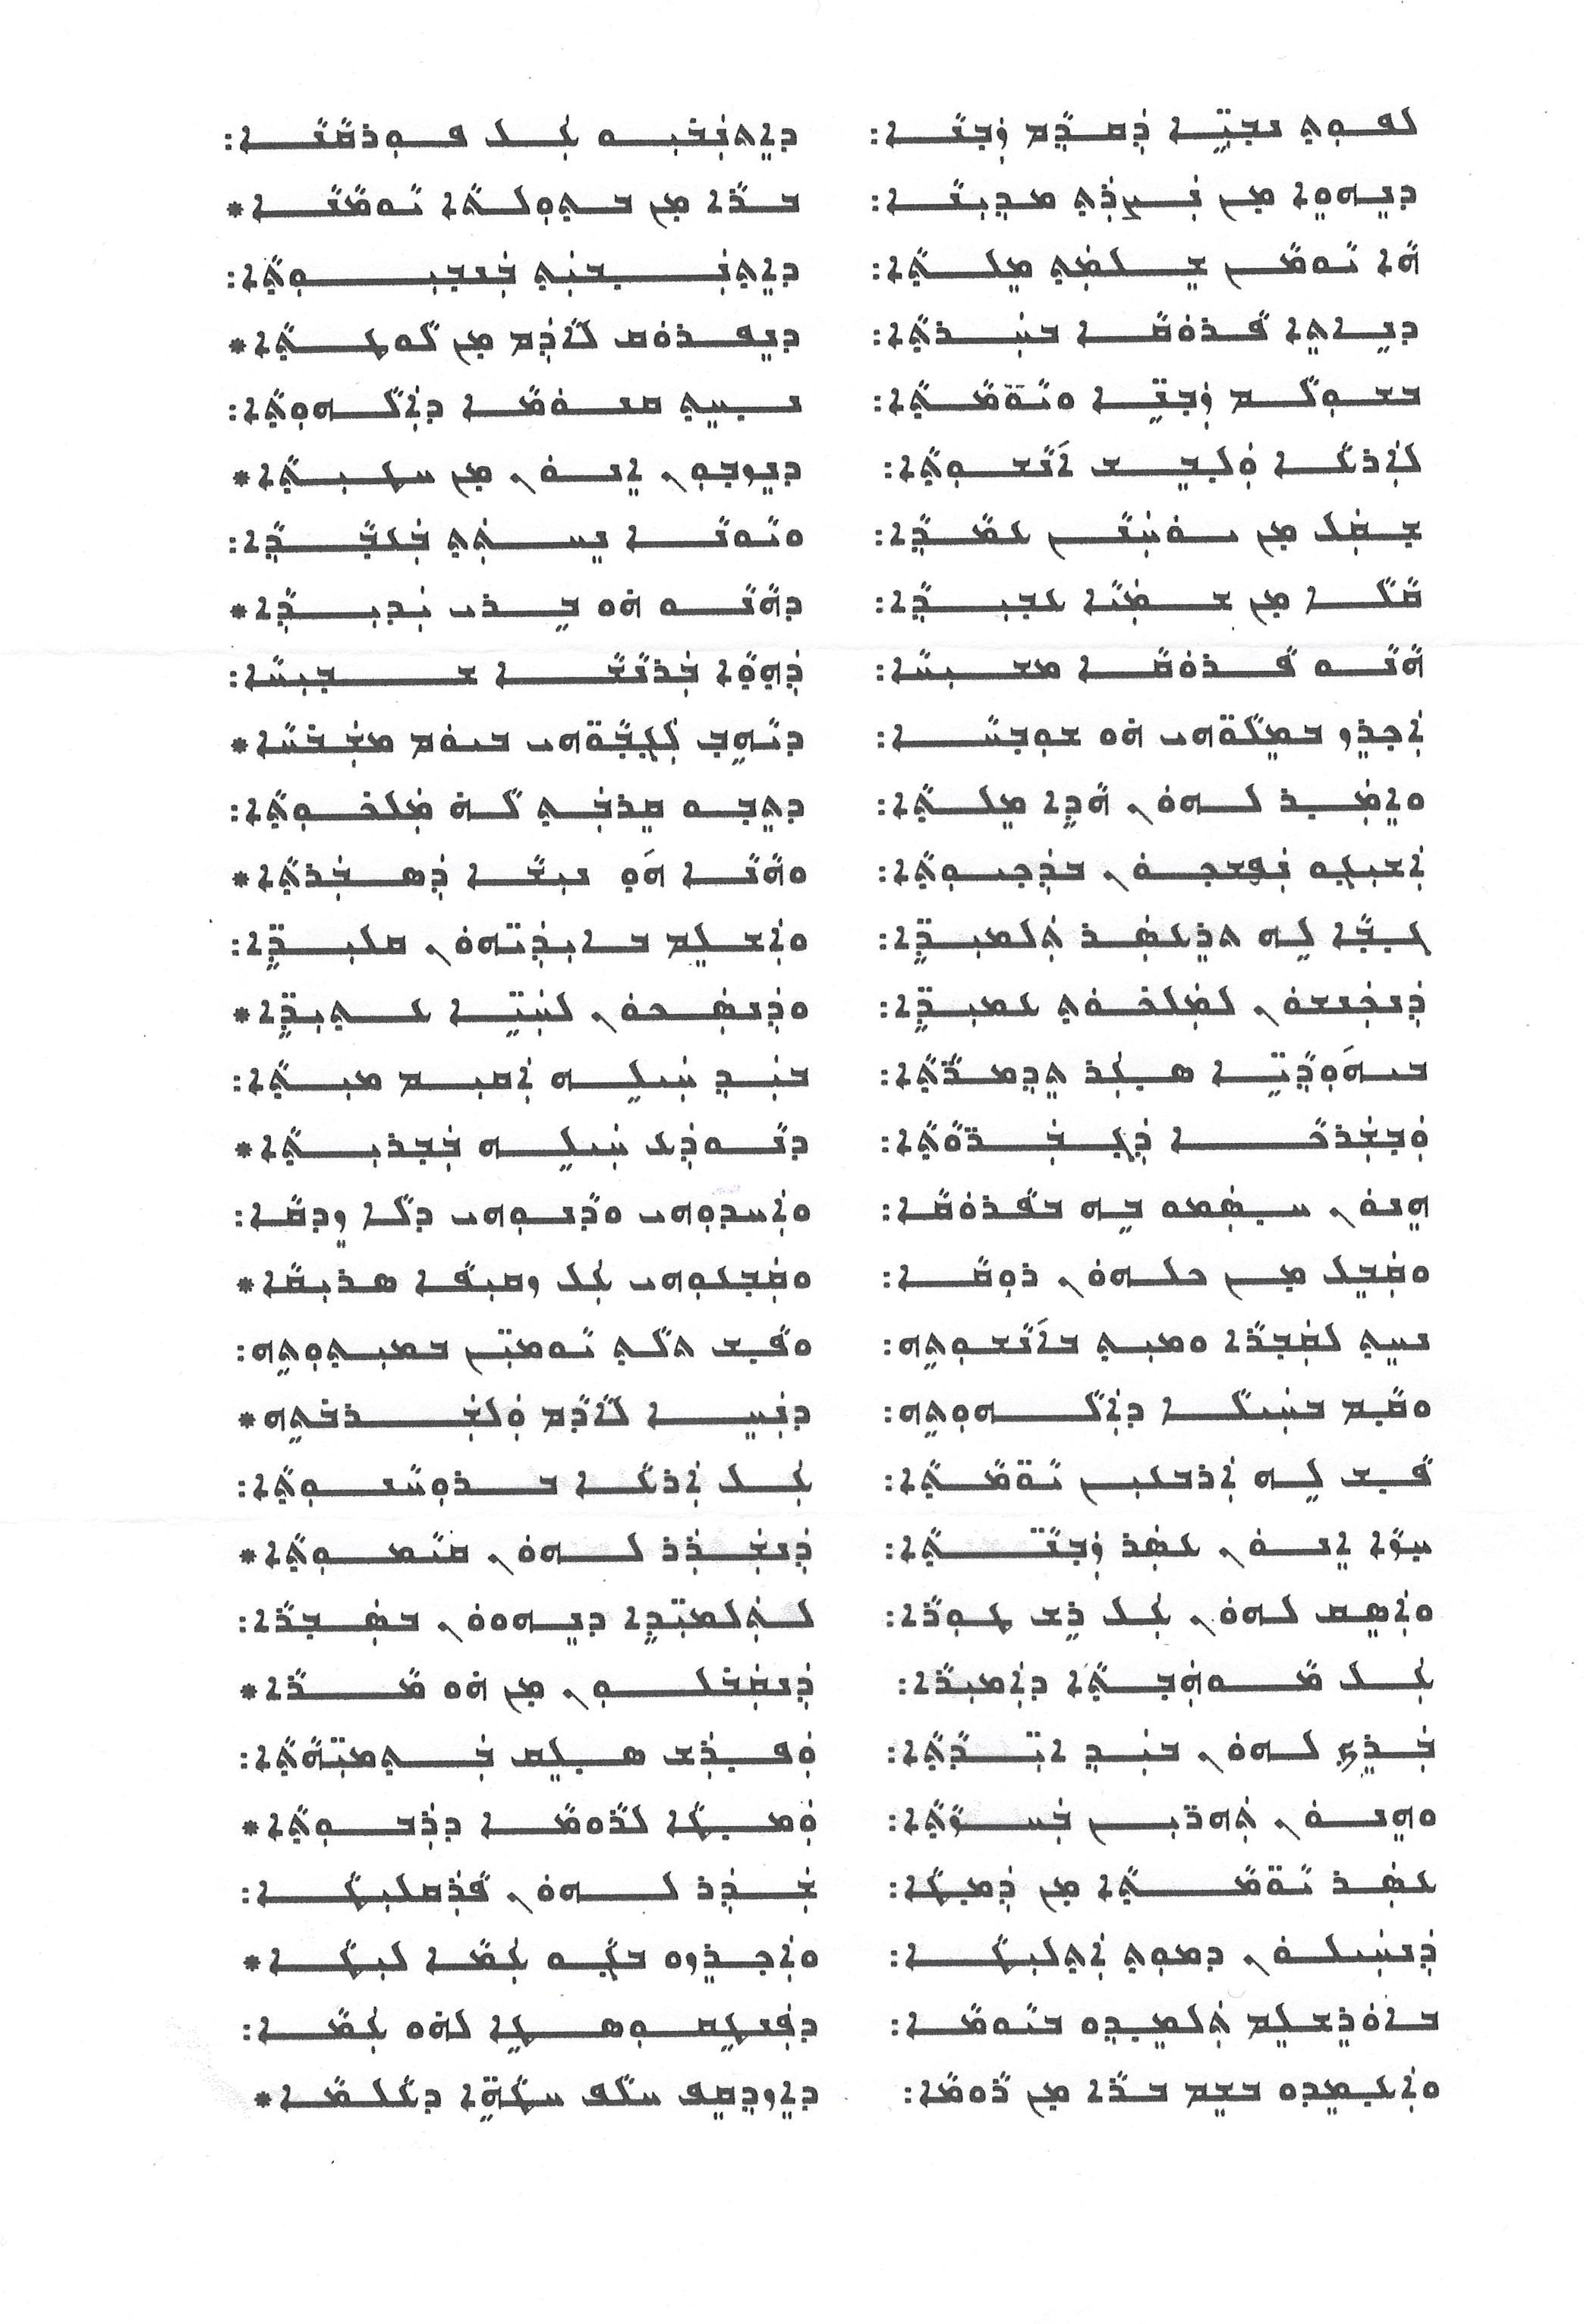 FR.-ATHANASIS-page-002